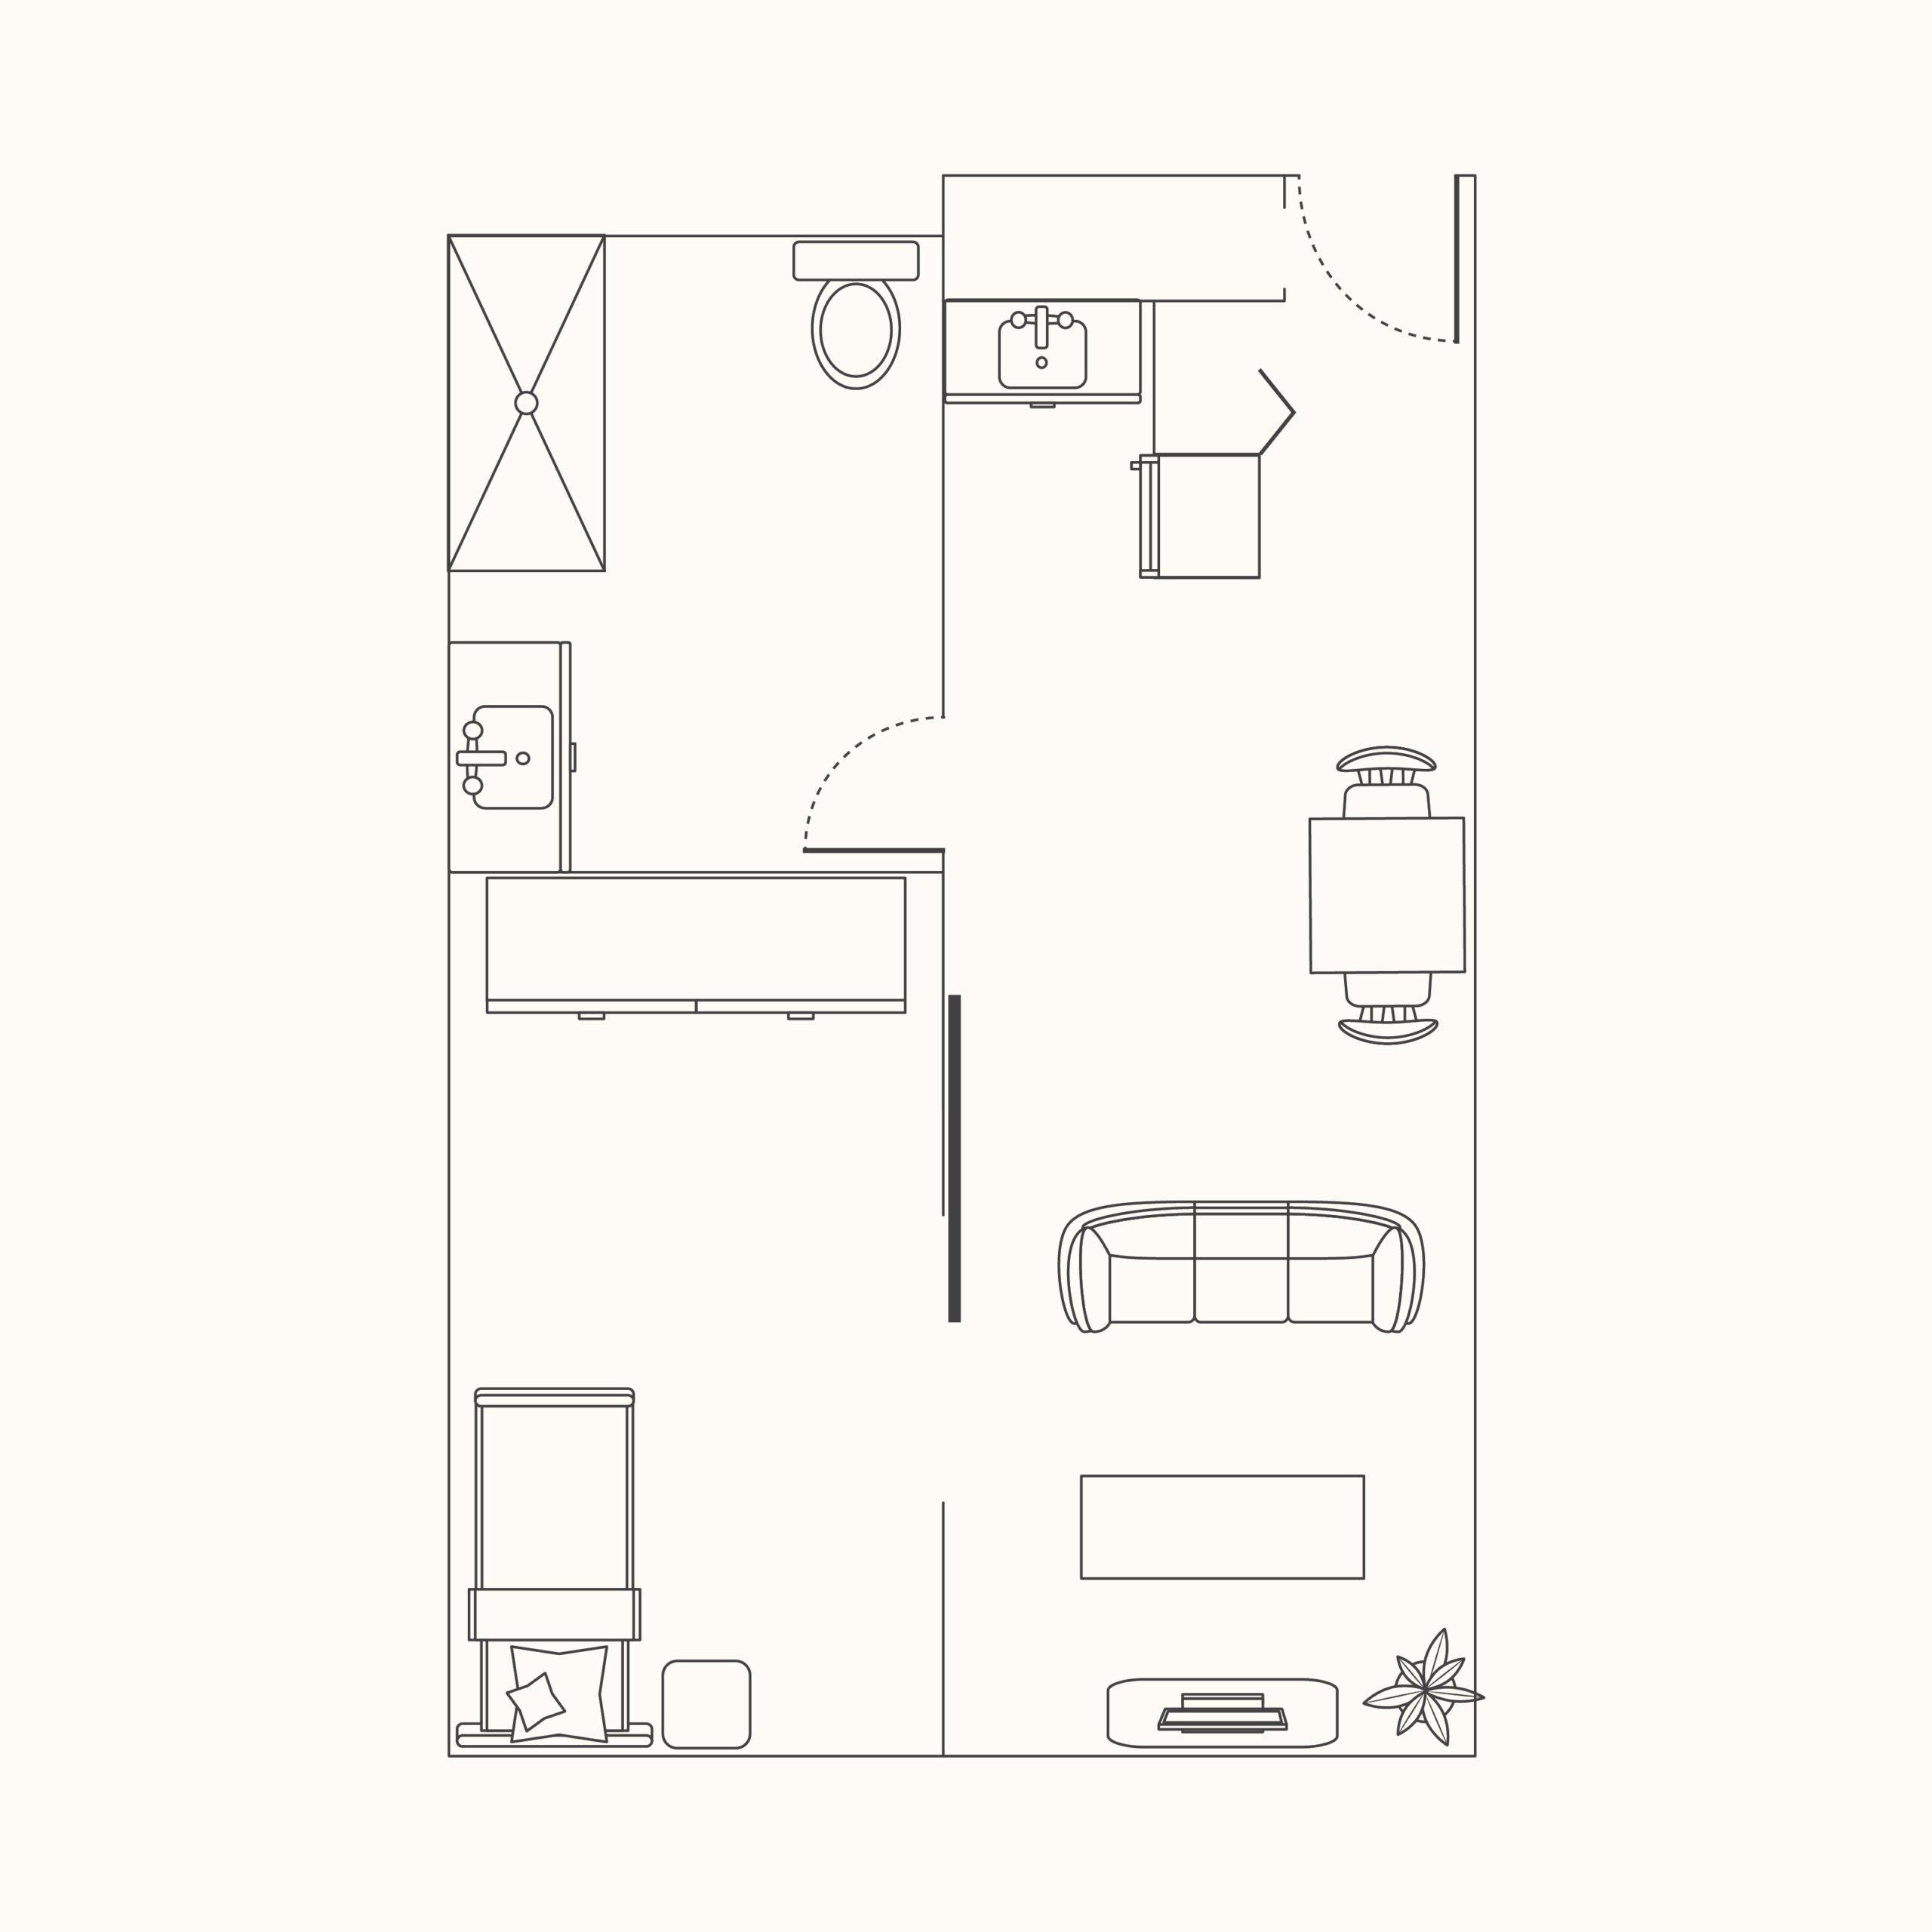 Plan A - 1 Bedroom